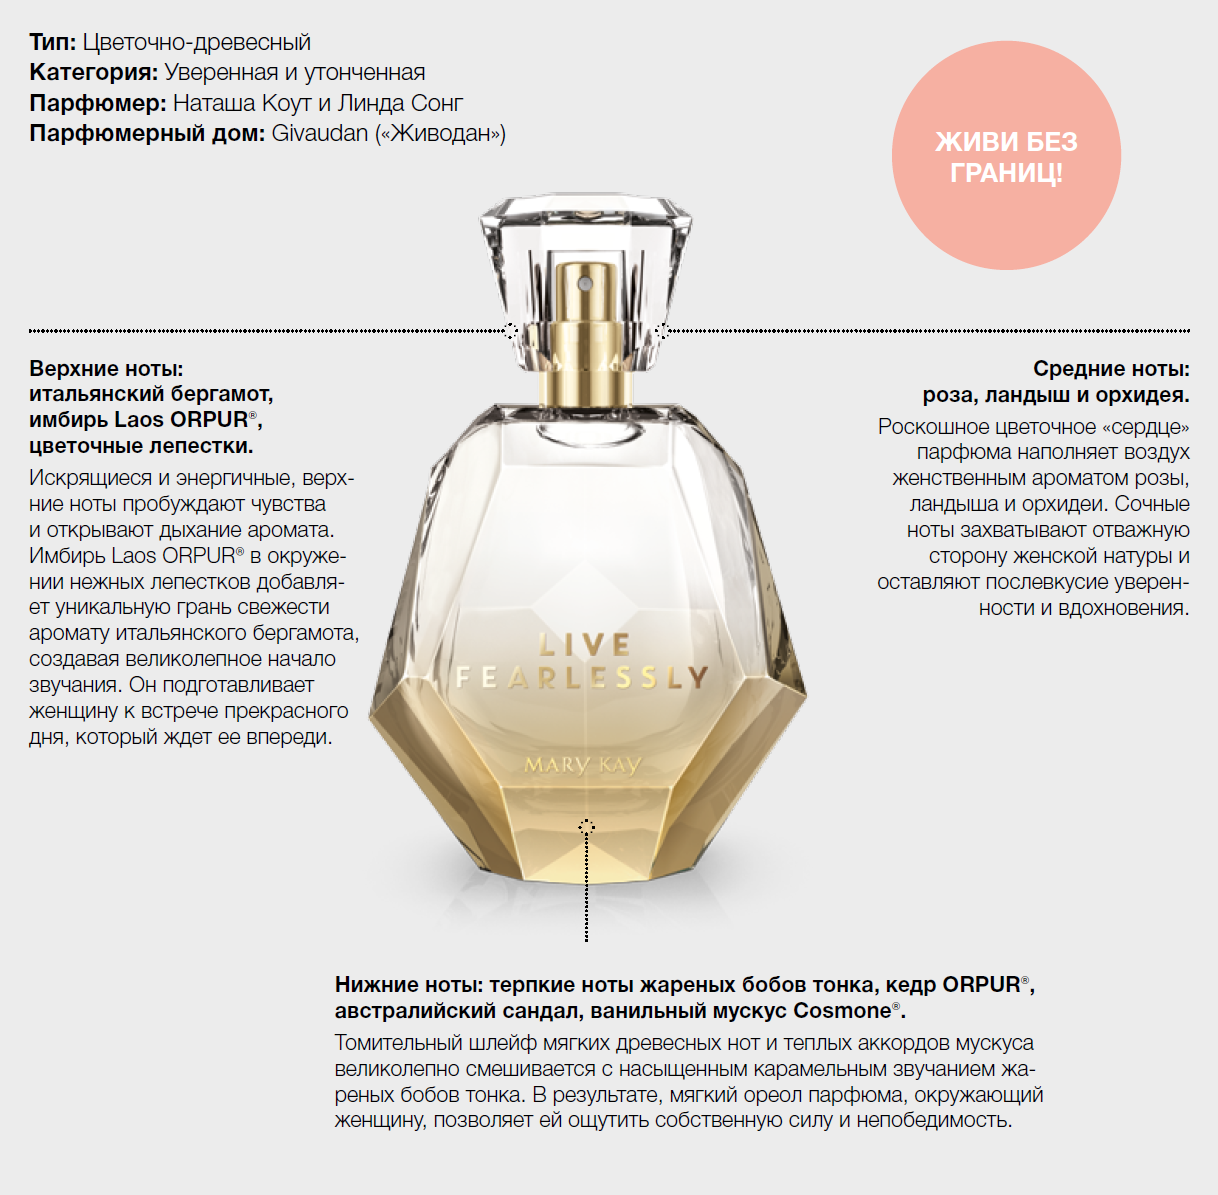 Мери кей парфюм вода — photo 8